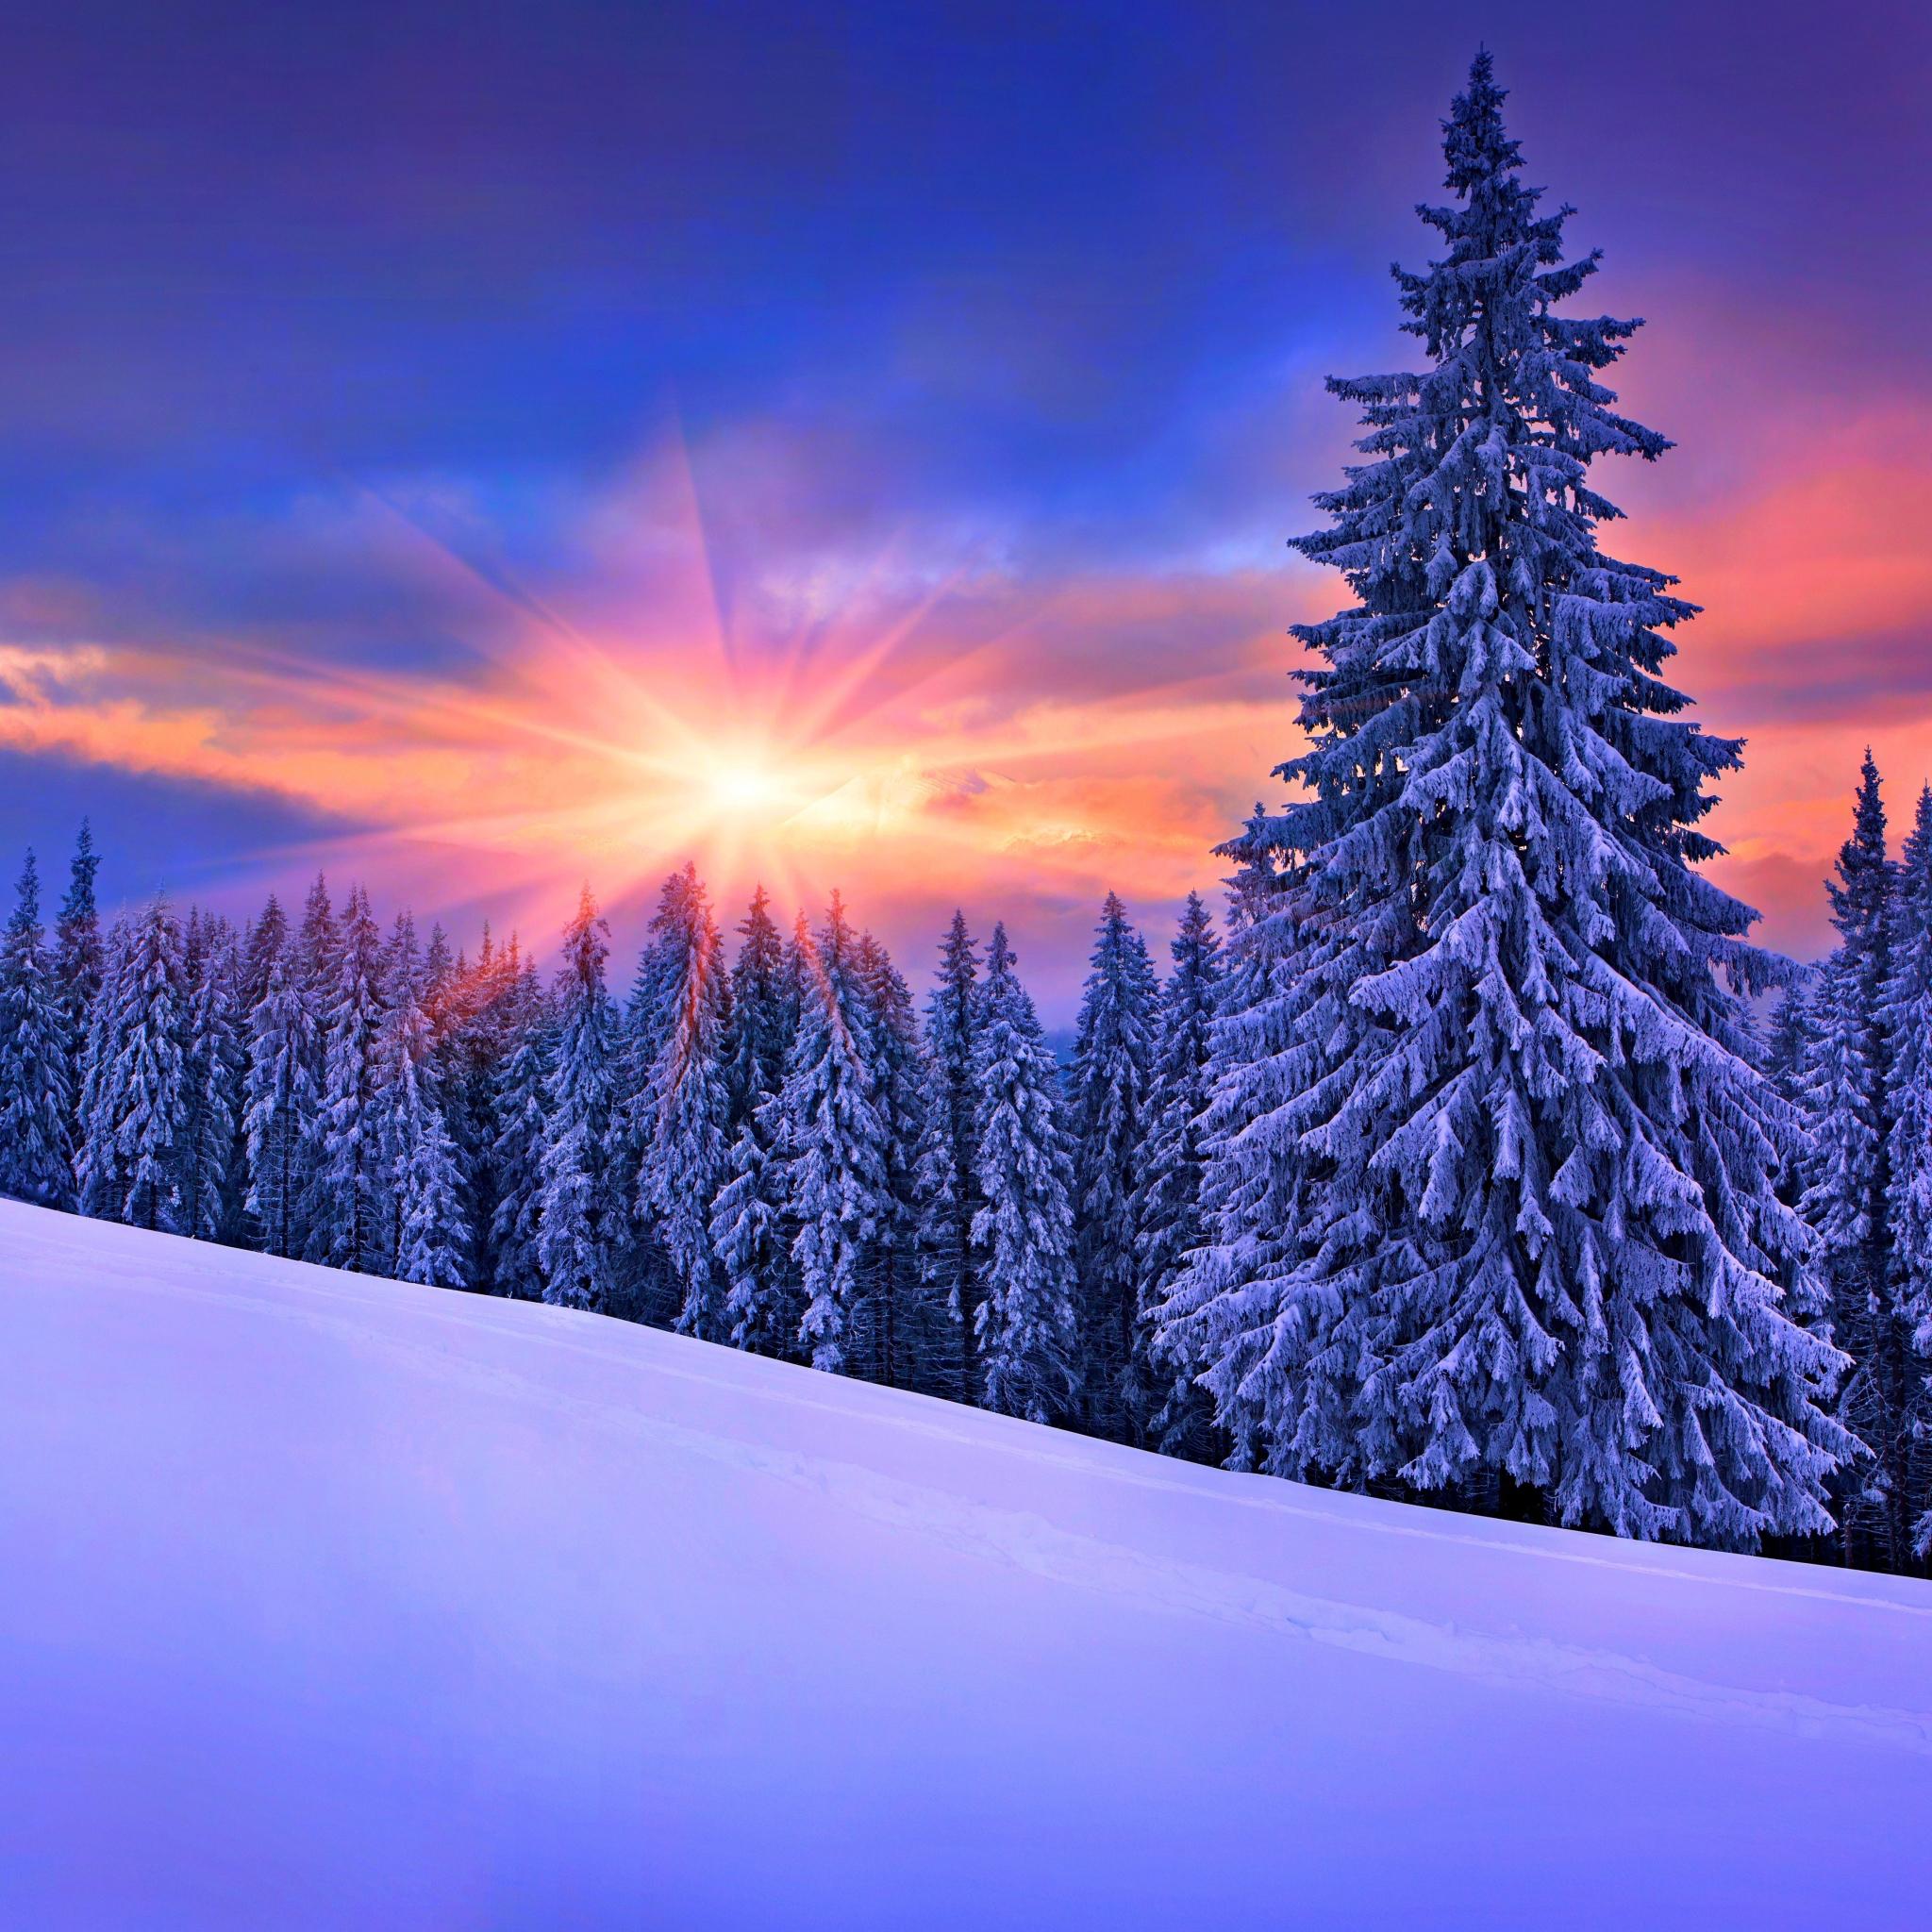 Фото для обоев на телефон зима